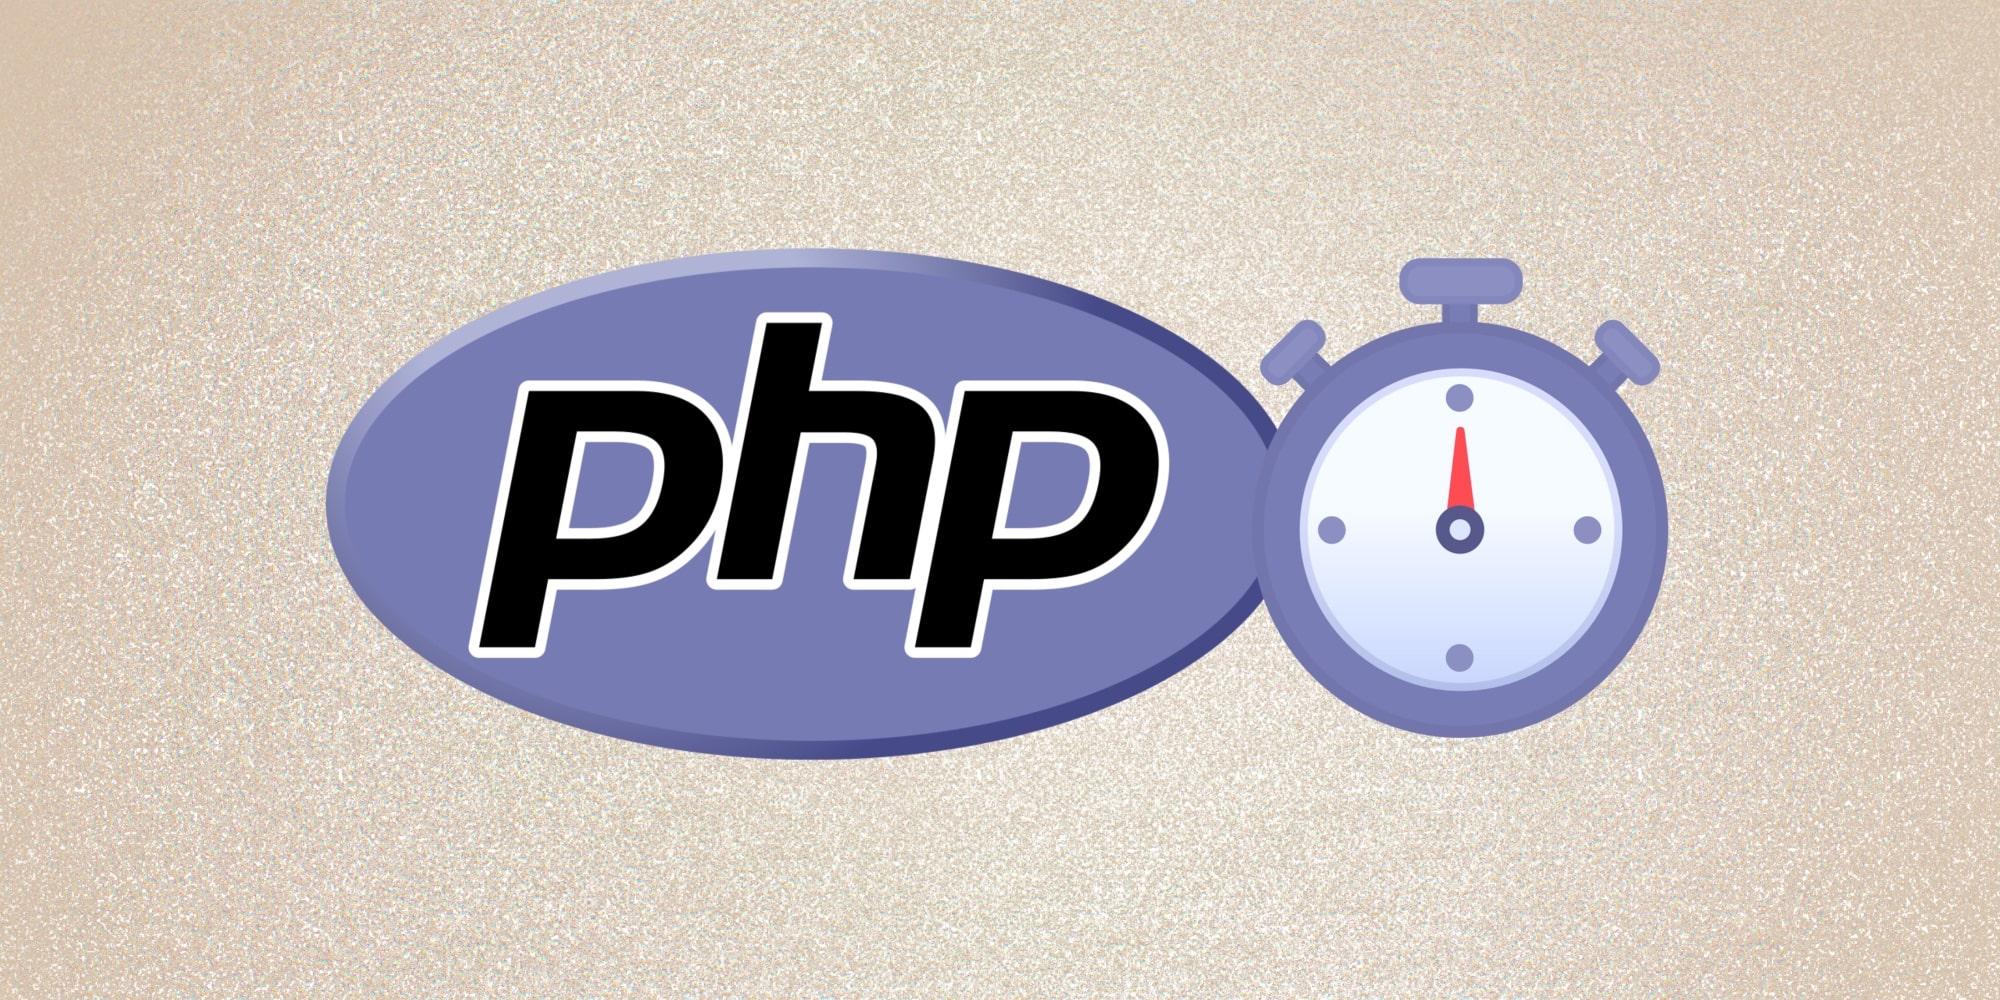 🐘 Самоучитель для начинающих: как освоить PHP с нуля за 30 минут?